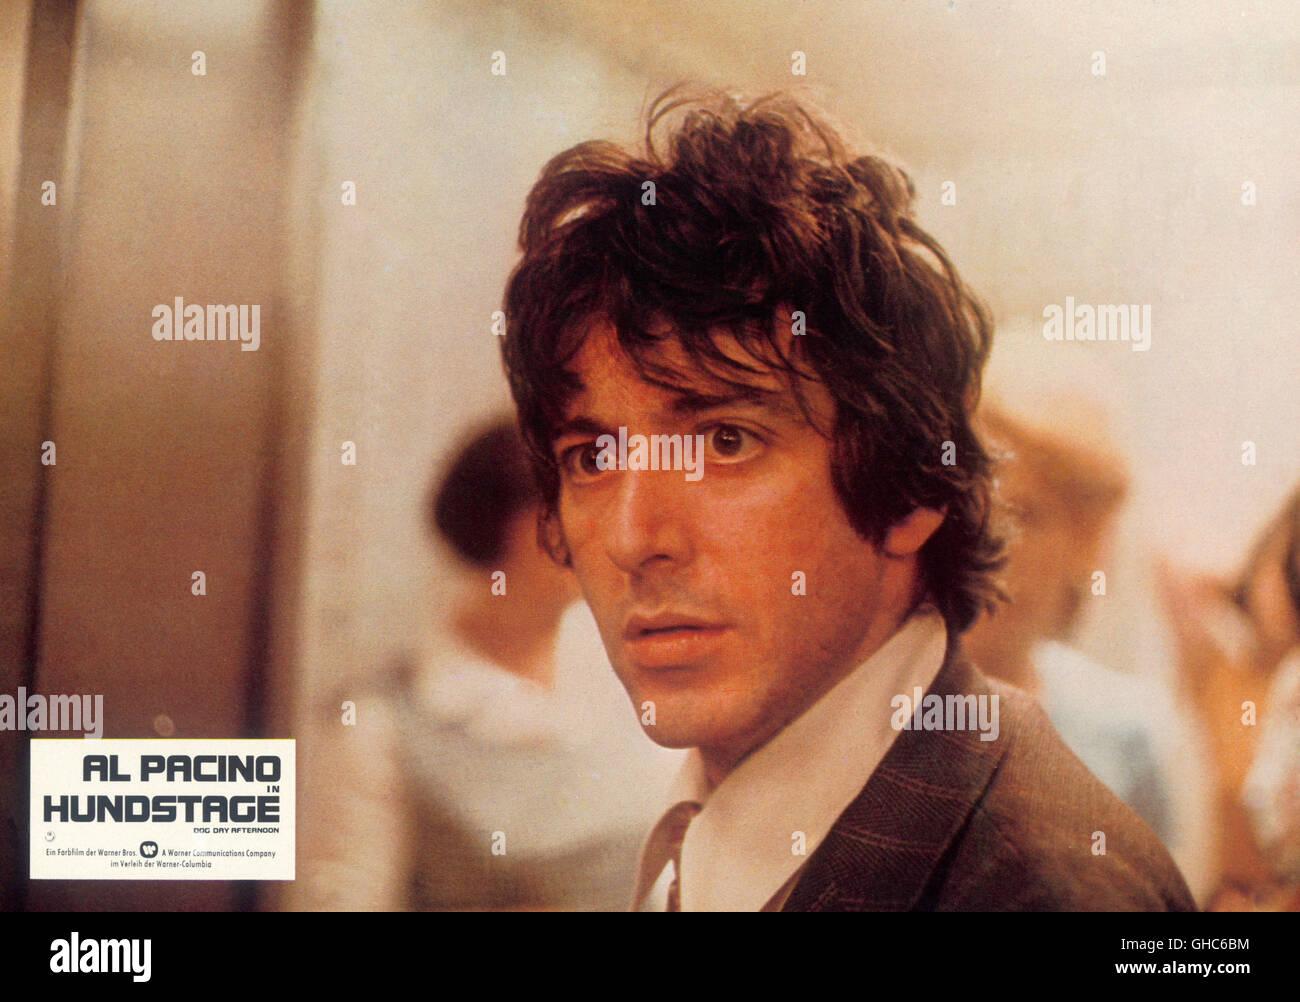 Hundstage Film Al Pacino